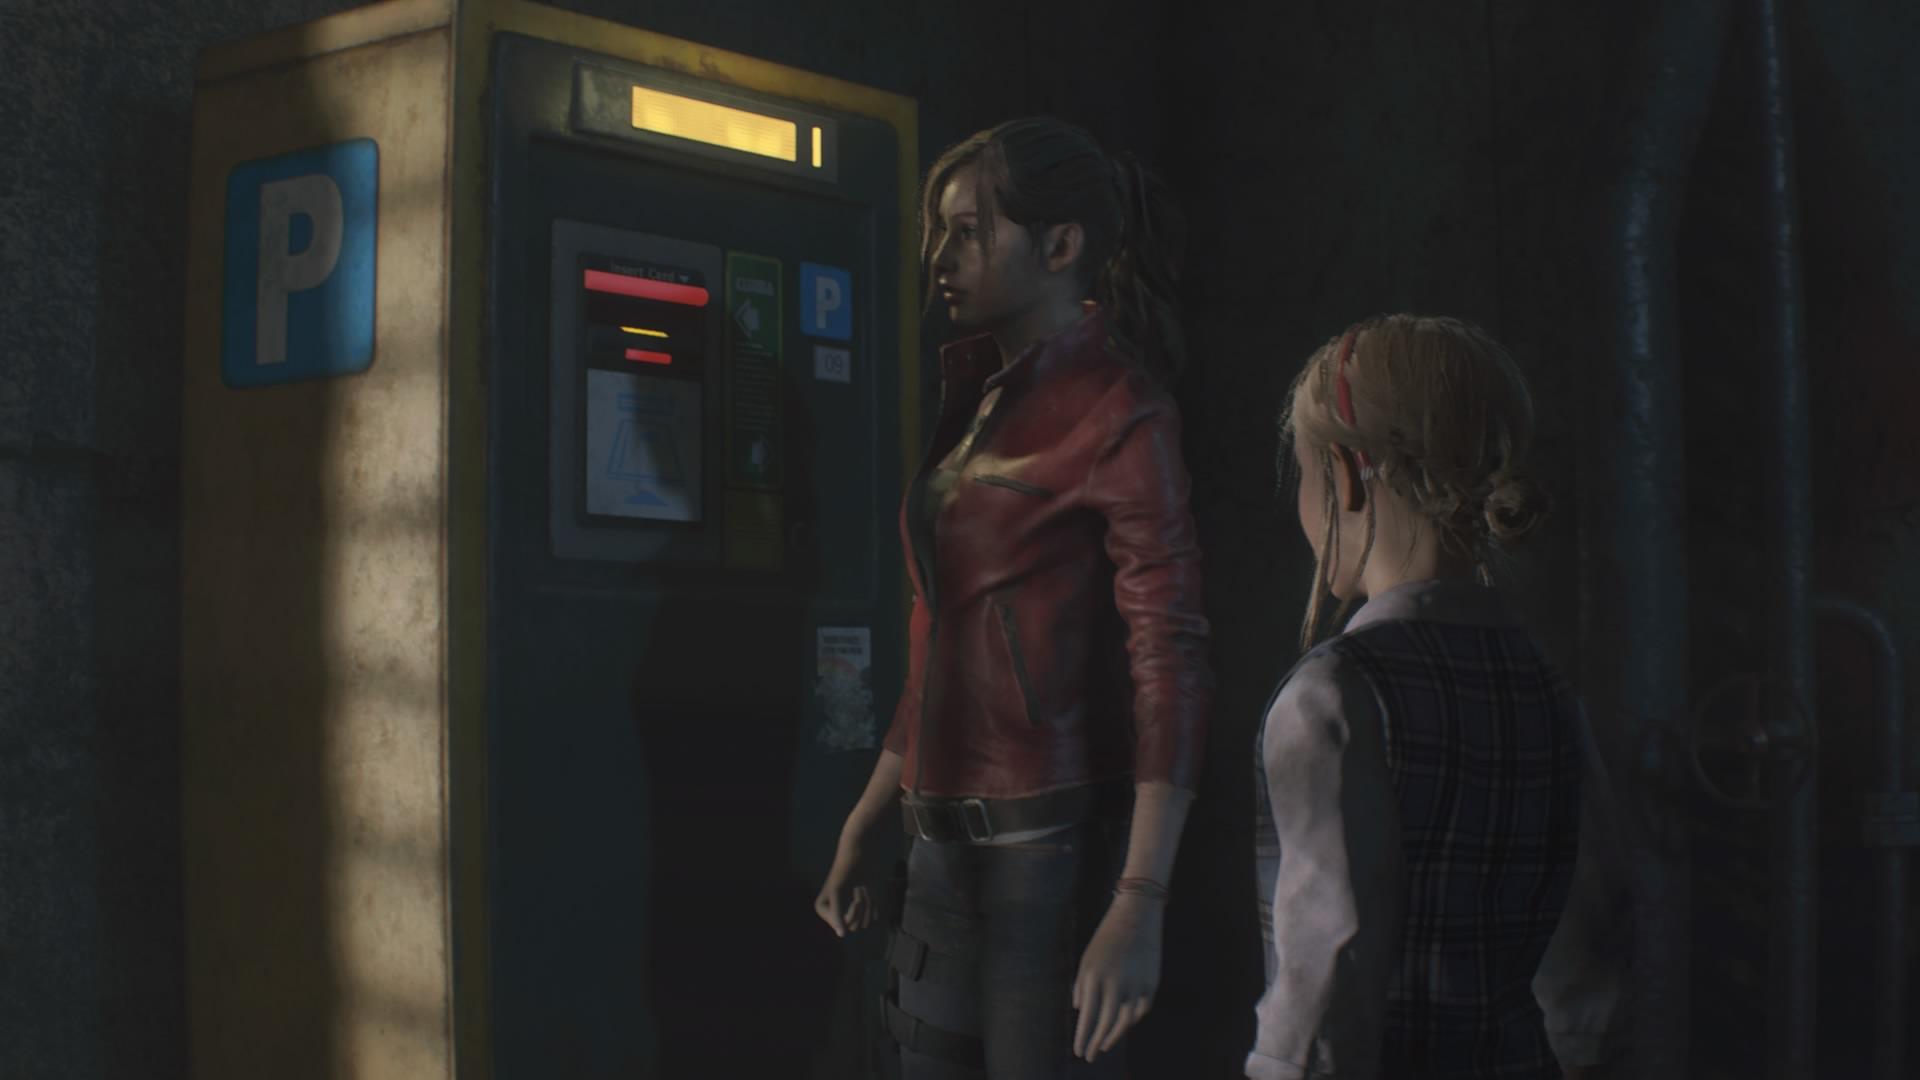 Wallpaper : Resident Evil 2 Remake, Resident Evil 2, Resident Evil